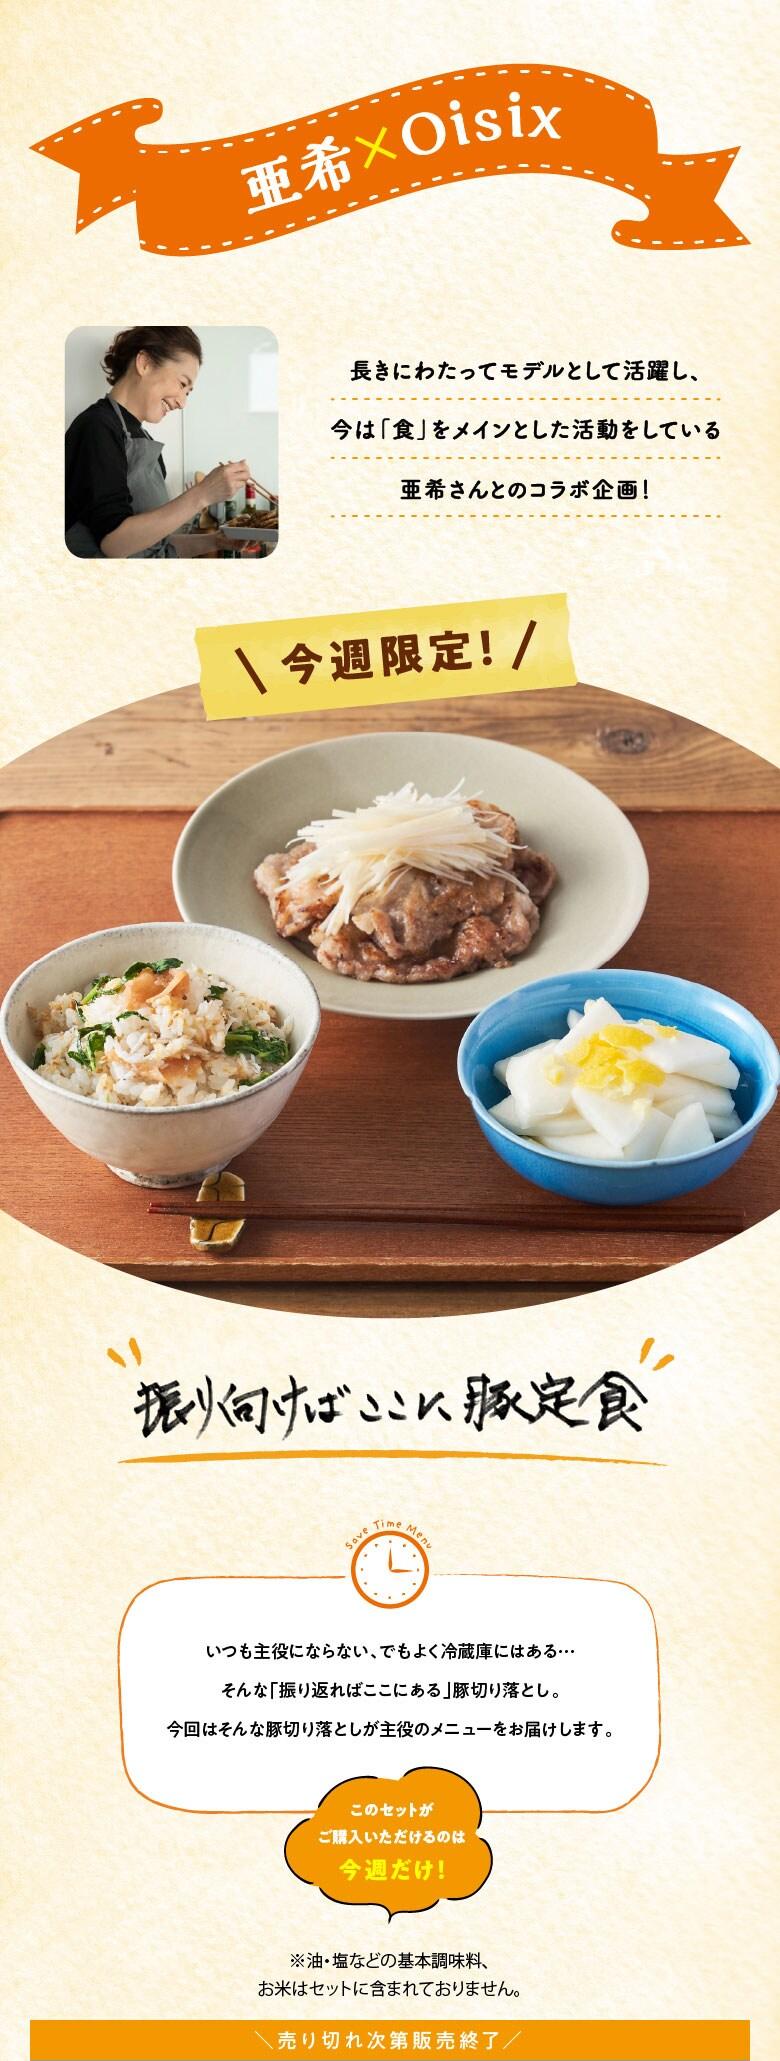 亜紀の母ちゃん食堂×Oisix